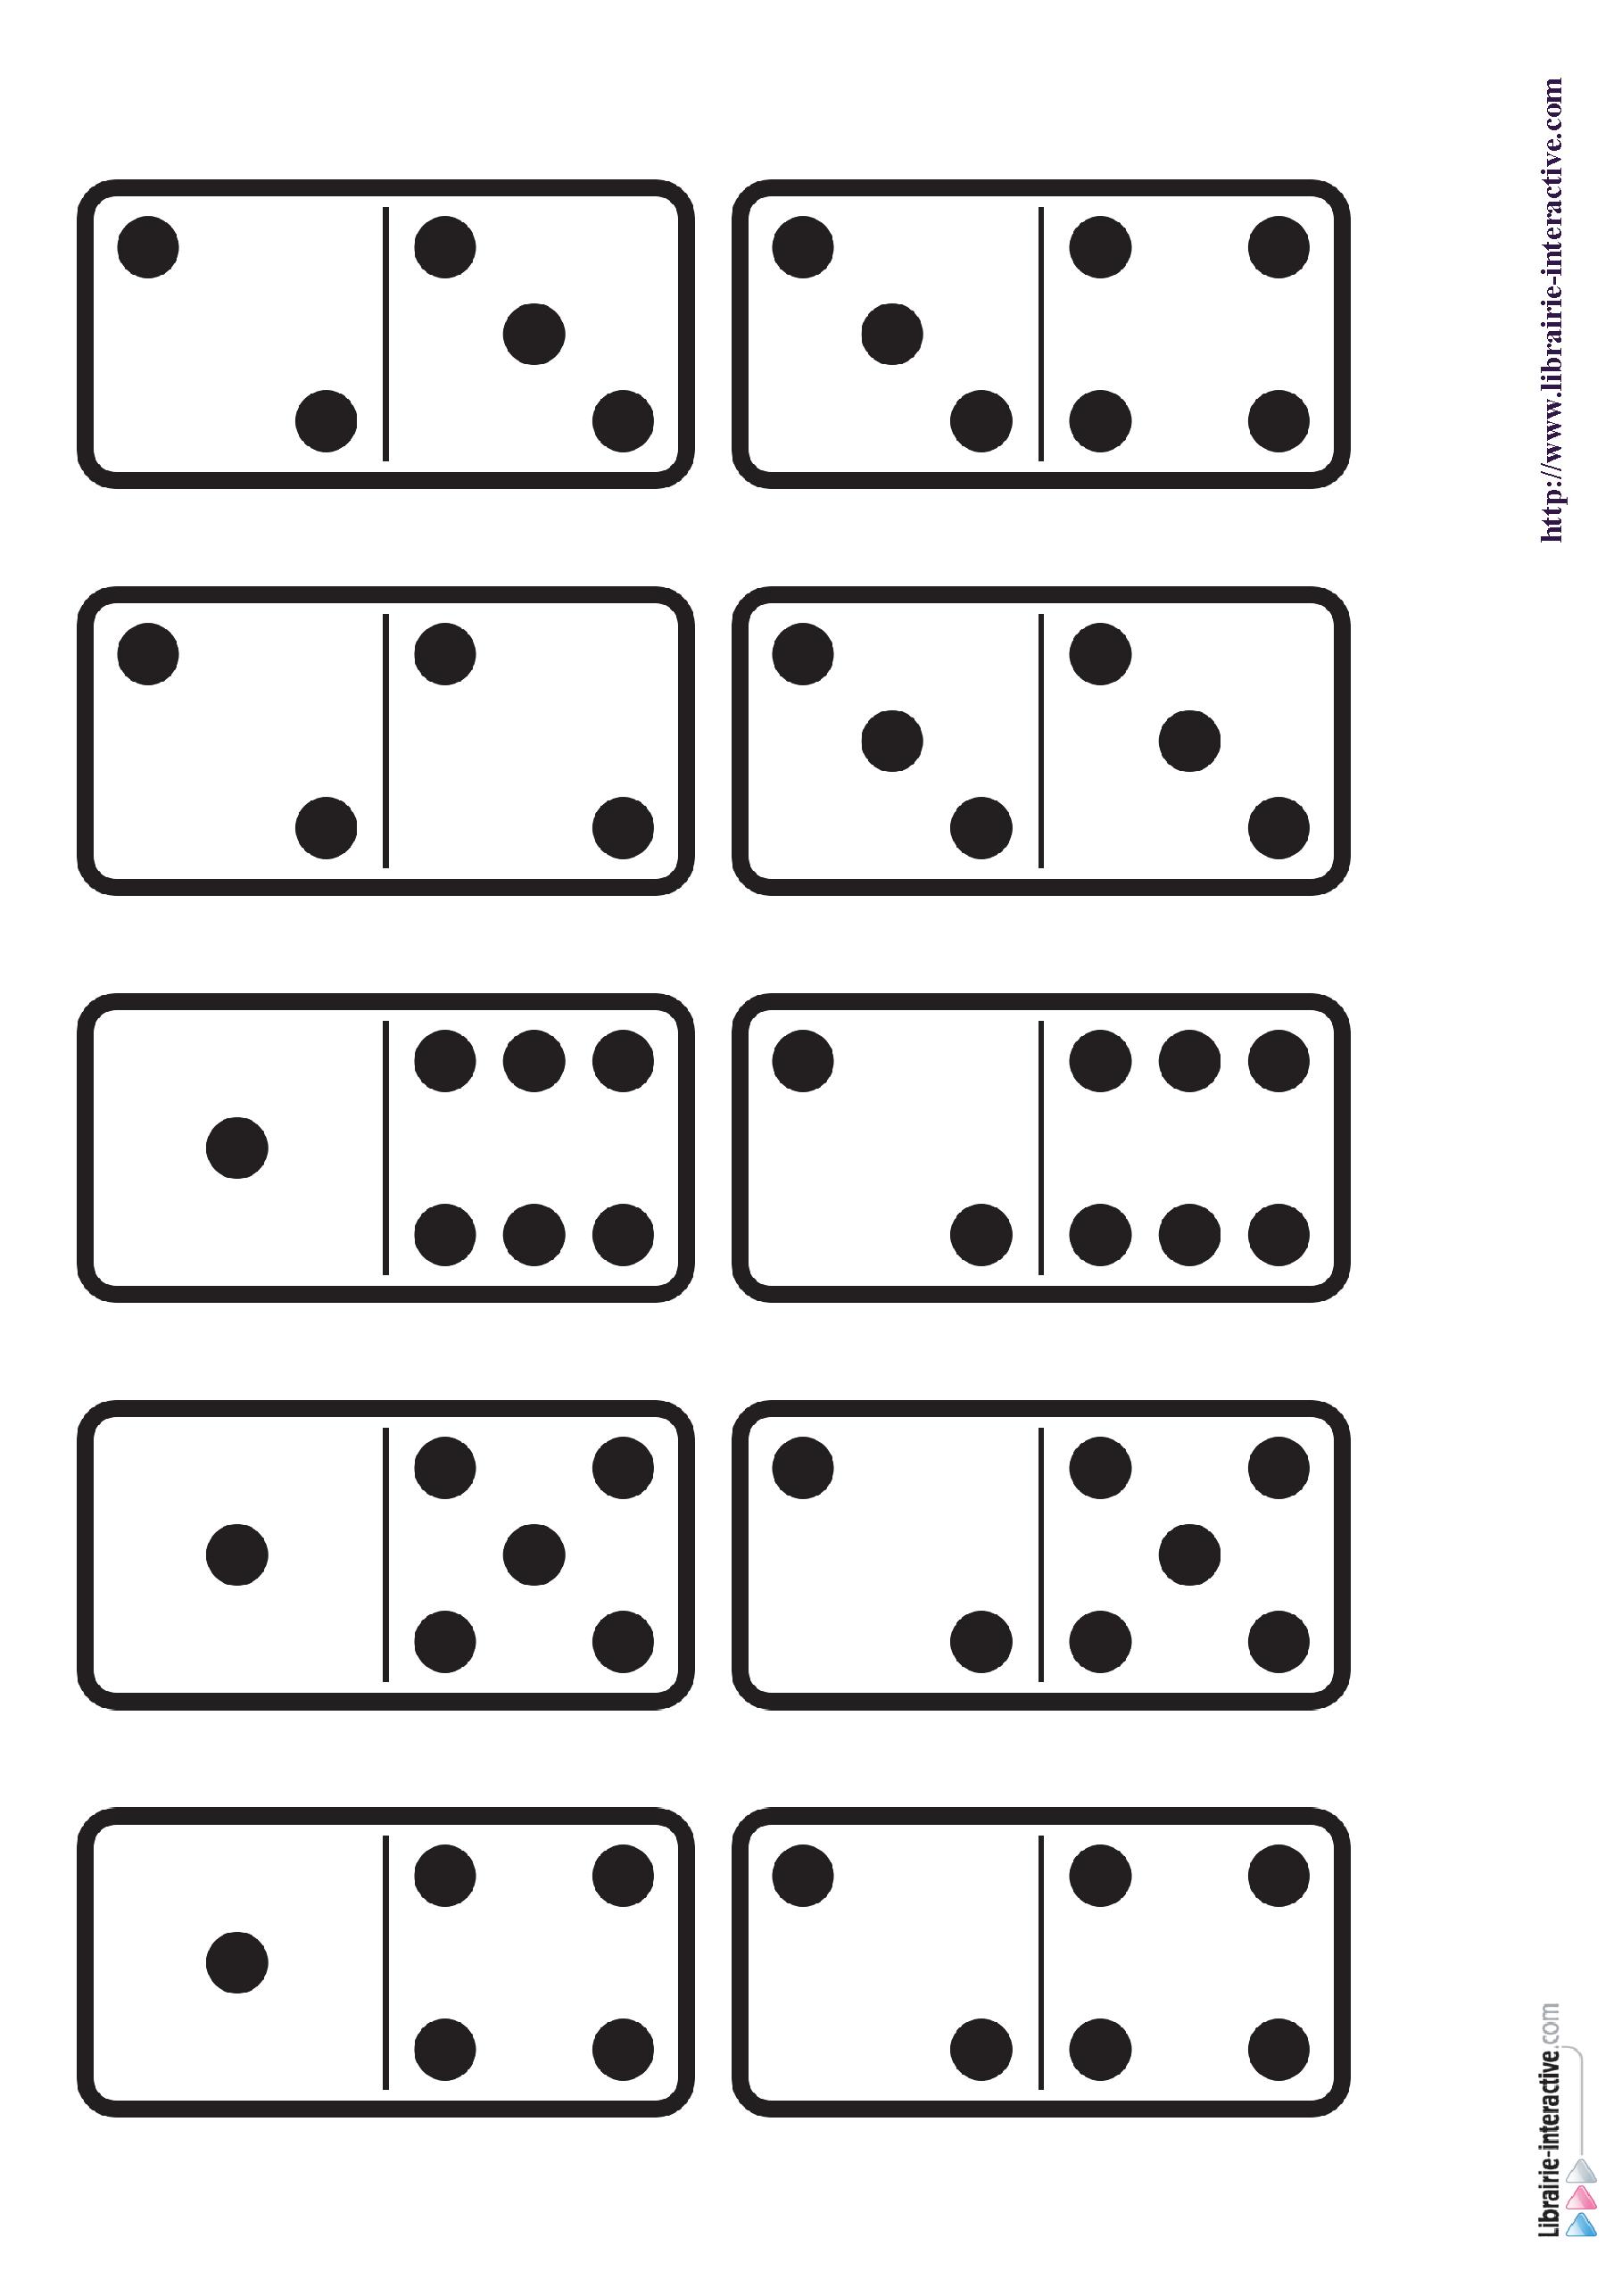 29 images des dominos des chiffres de 1 6 ainsi qu 39 une. Black Bedroom Furniture Sets. Home Design Ideas